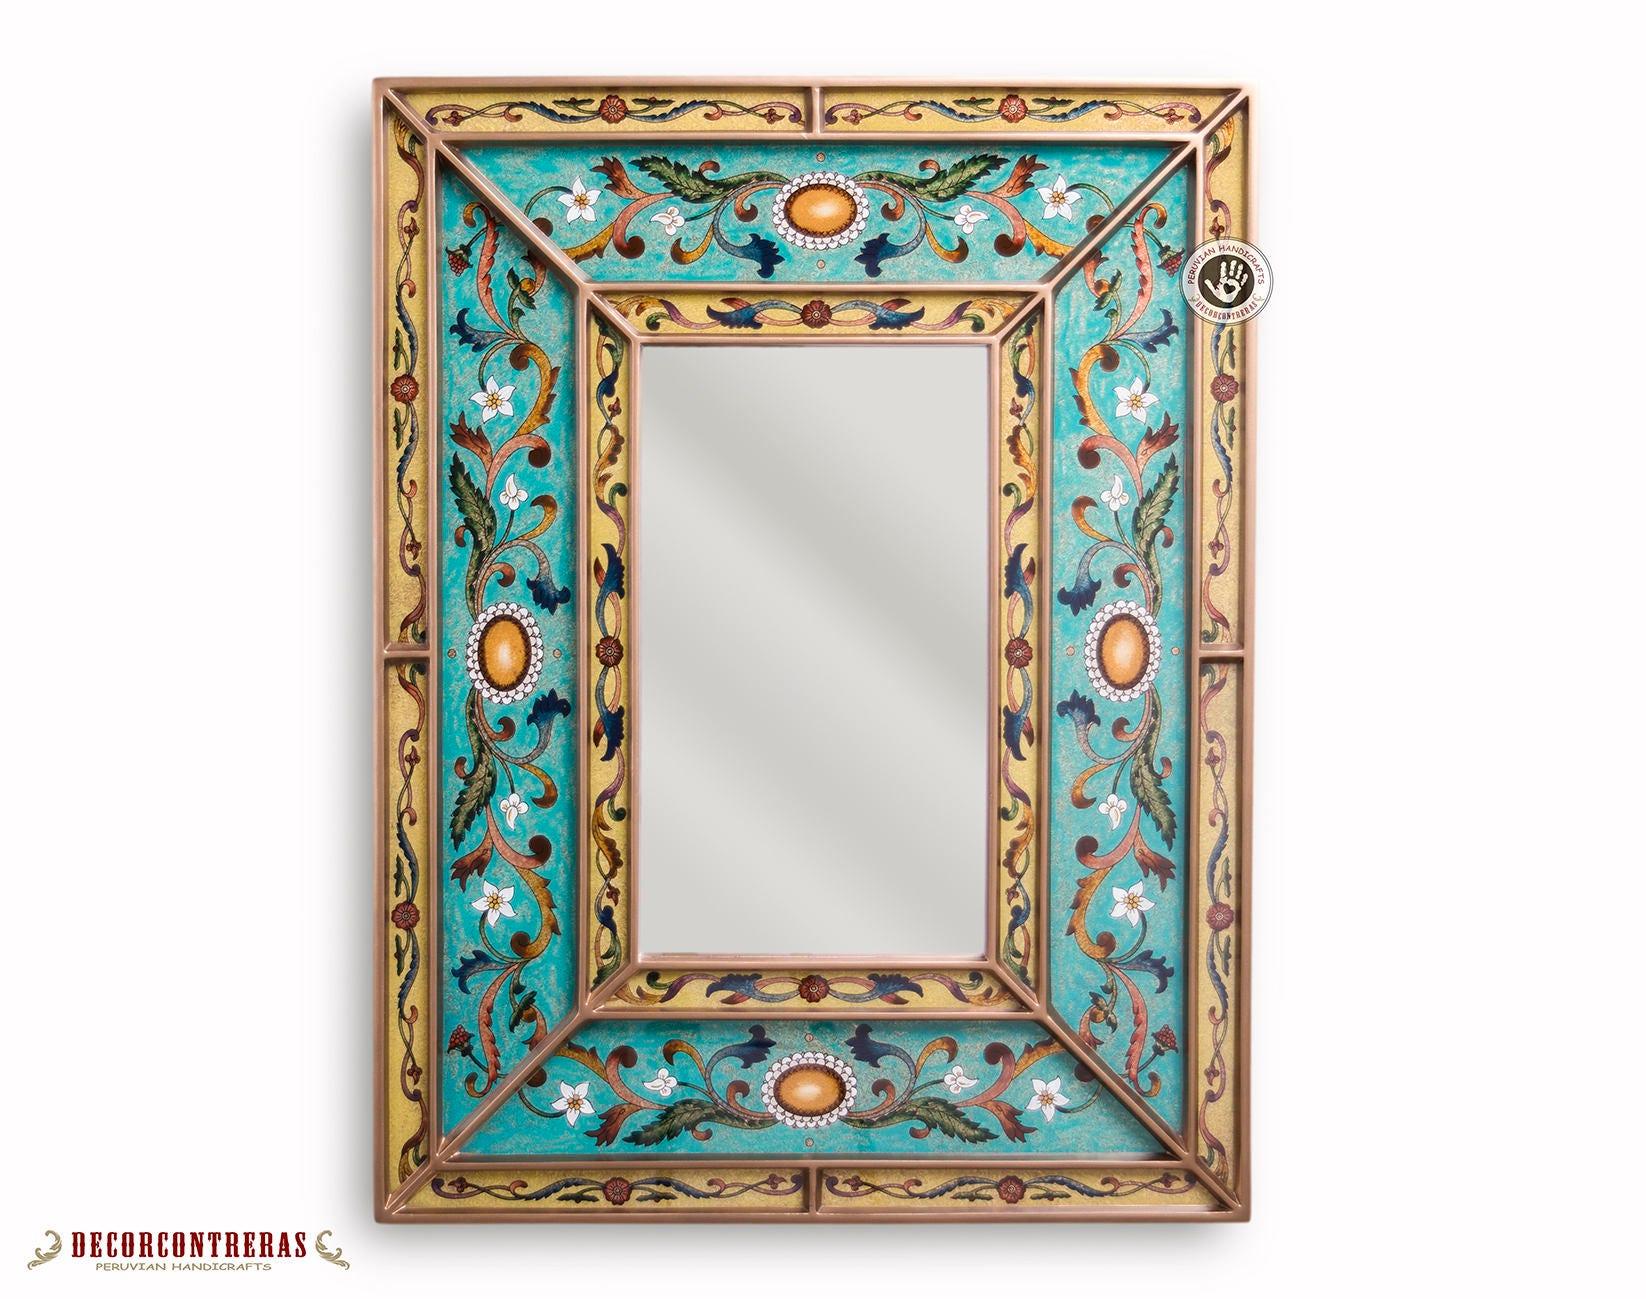 Espejo decorativo Hecho a mano Cielo Turquesa